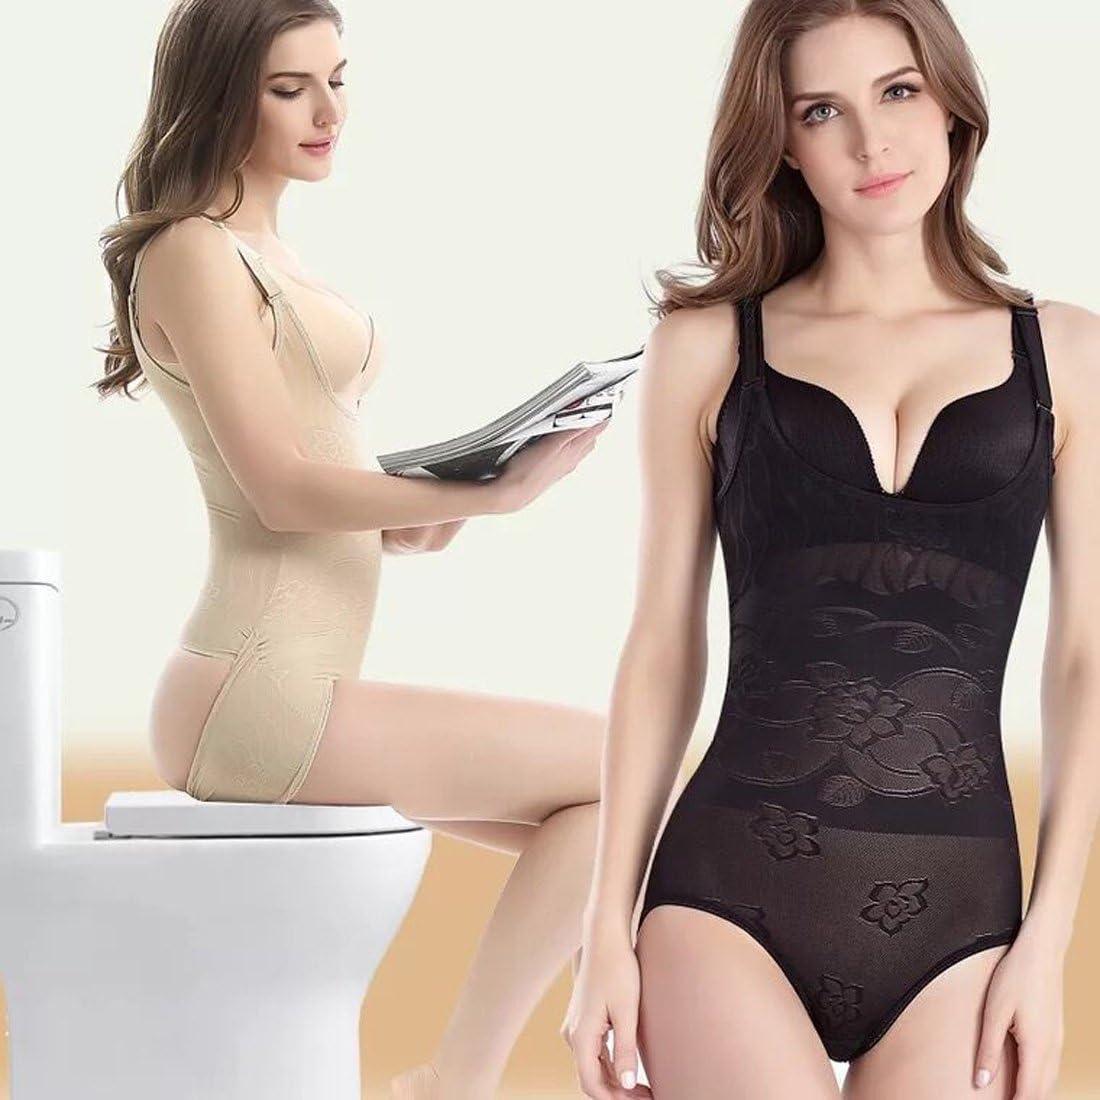 Anwedding Faja Reductora Camiseta Moldeadora de Abdomen y Cintura Body Shaper Efecto Push Up para Mujer